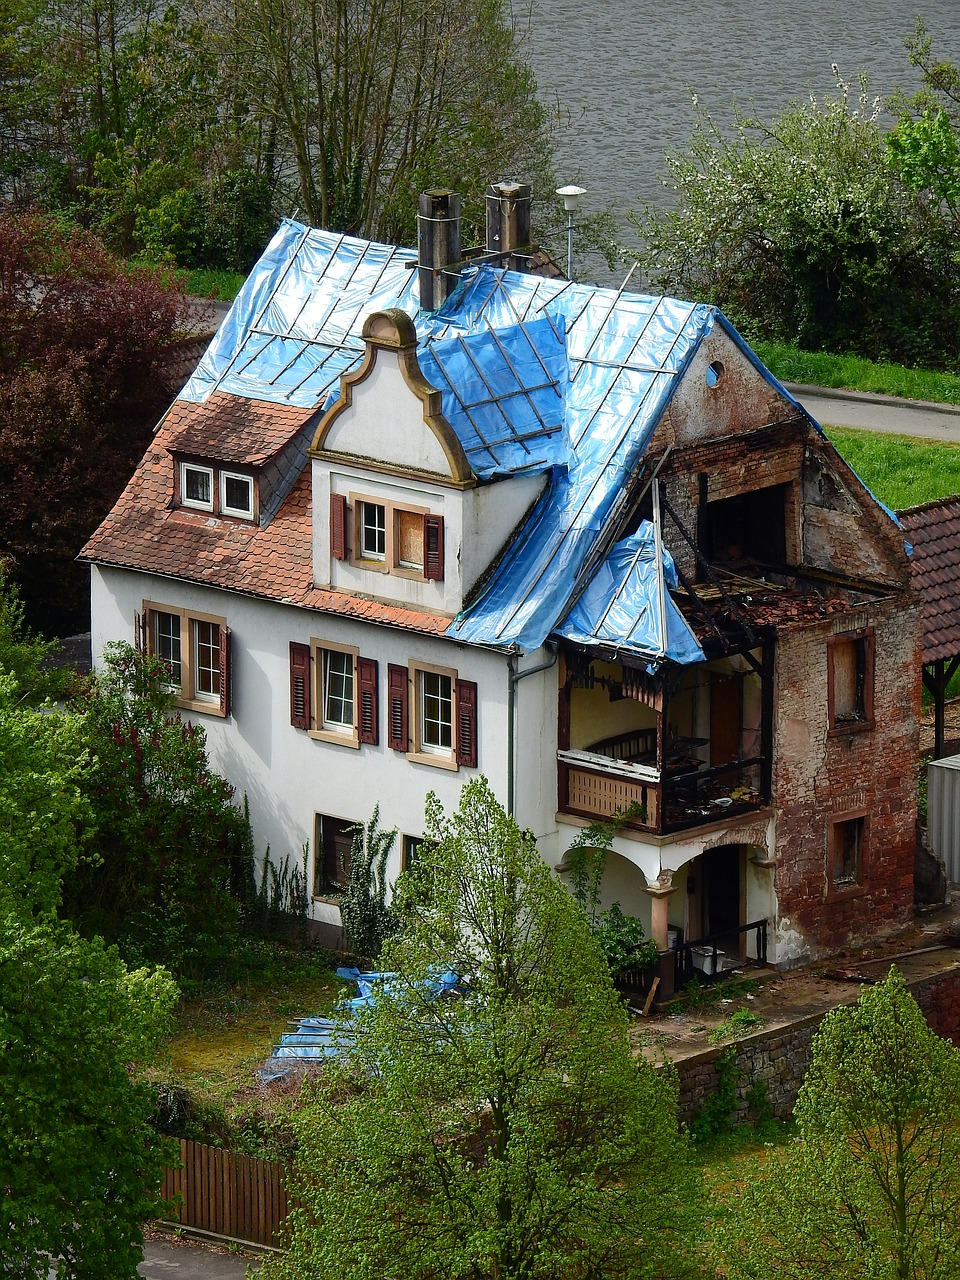 Od czego zacząć remont? Od poszukiwań firmy remontowej! Wykańczanie wnętrz w Warszawie – cennik